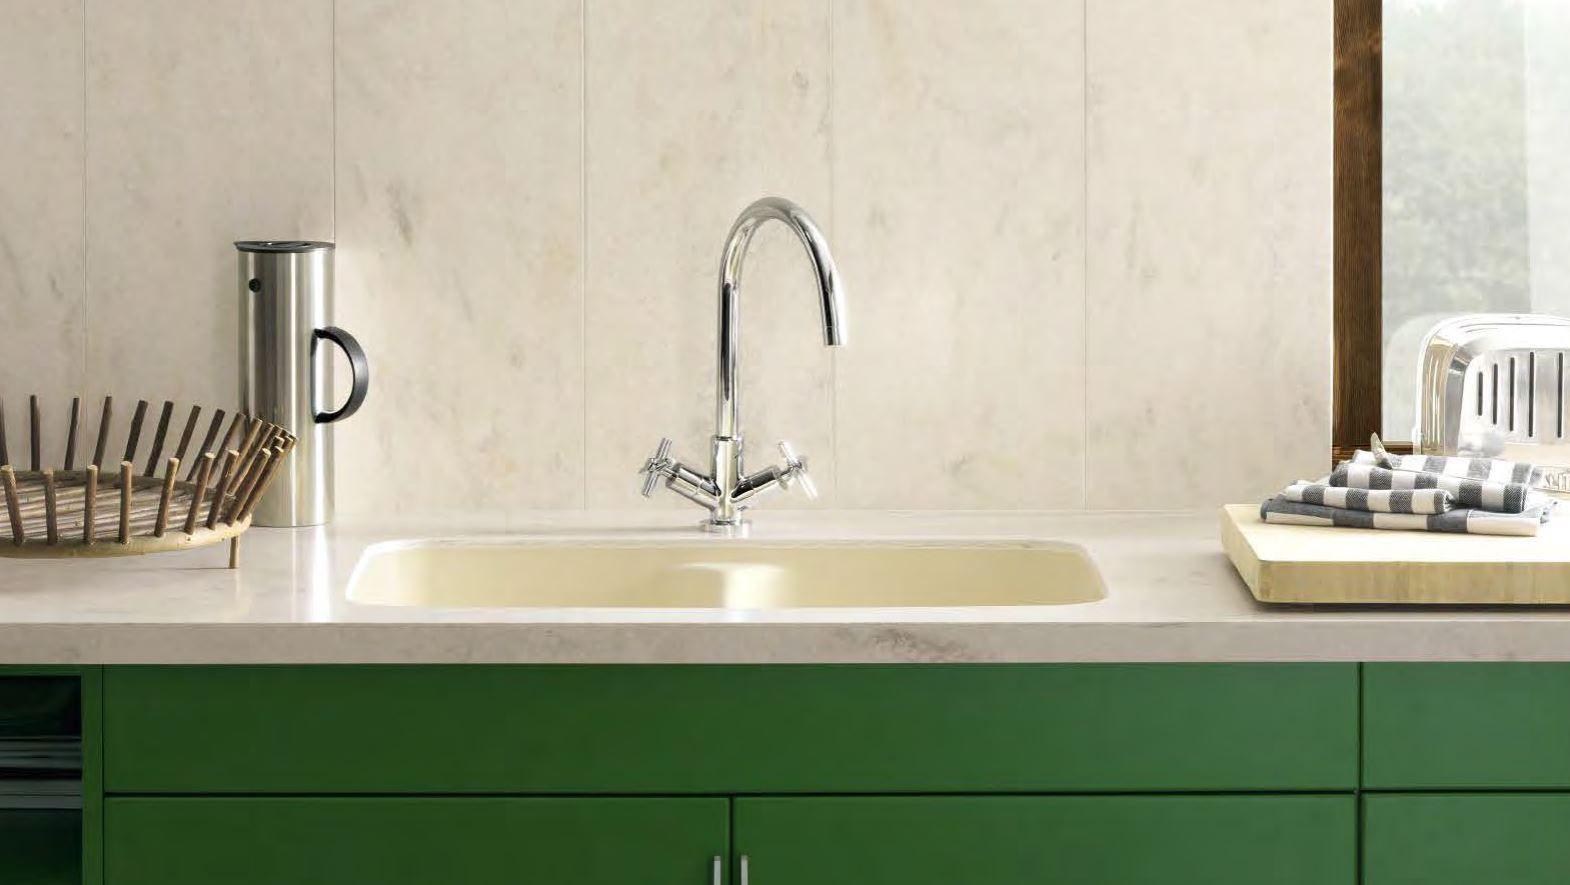 Corian integrated kitchen sink